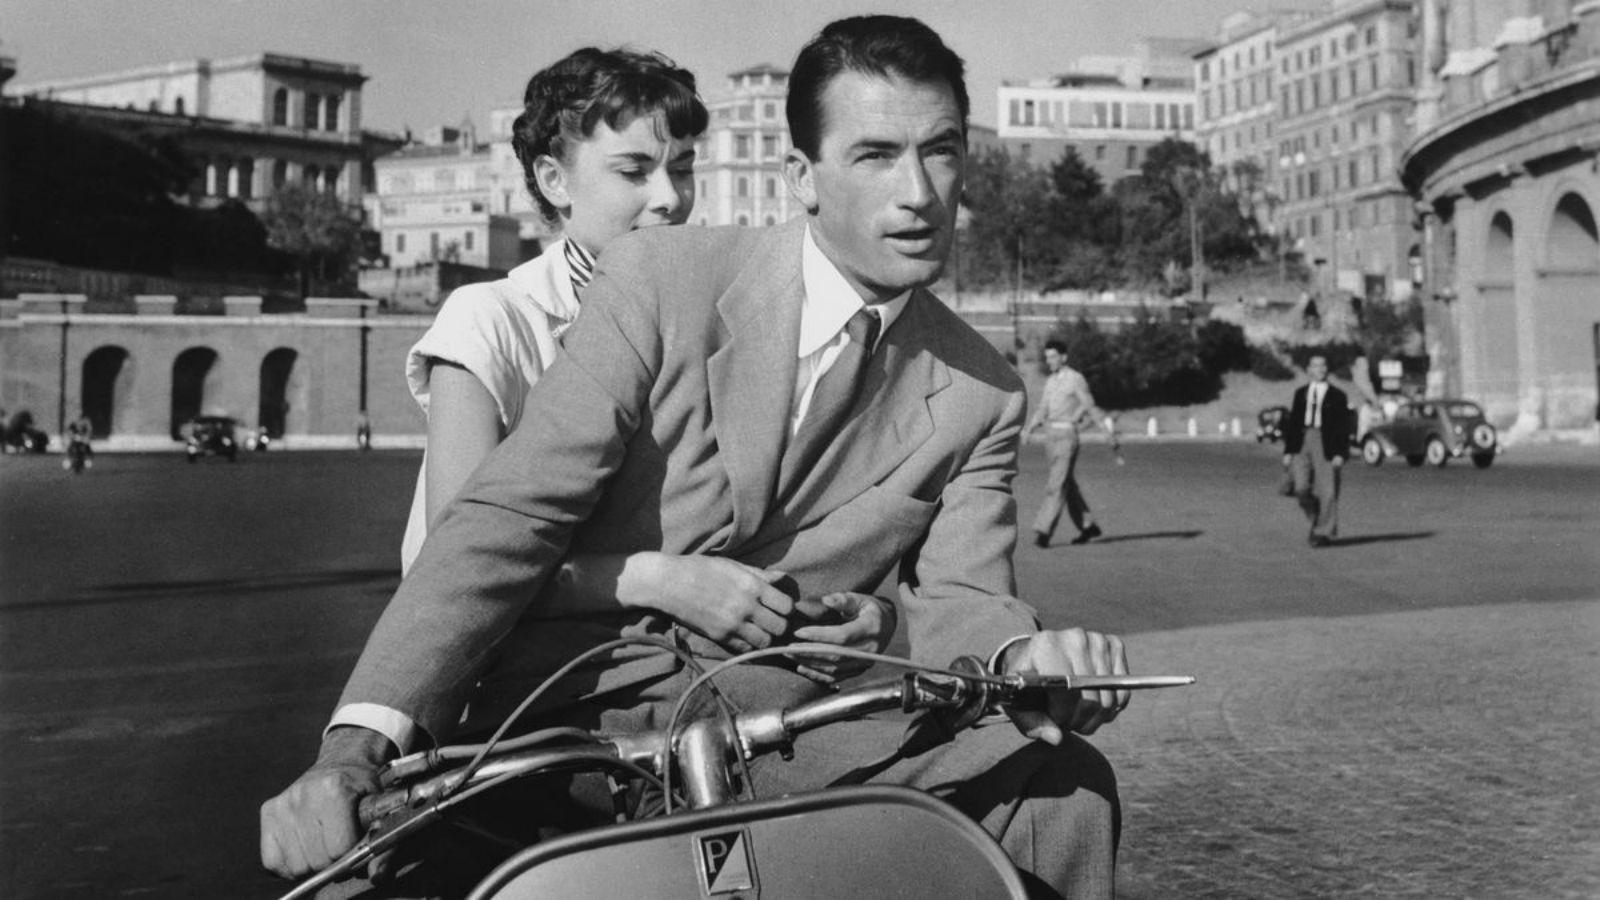 Ann hercegnő (Audrey Hepburn) csak egy szabadnapra vágyik, amikor elfelejtheti udvari teendőit.Az újságíró Joe (Gregory Peck) kalauzolja végig a csodás Rómán. Elmennek a Spanyol lépcsőhöz, az Igazság szájához, és szuper sikkesen utazgatnak egy robogón. (Paramount Pictures)